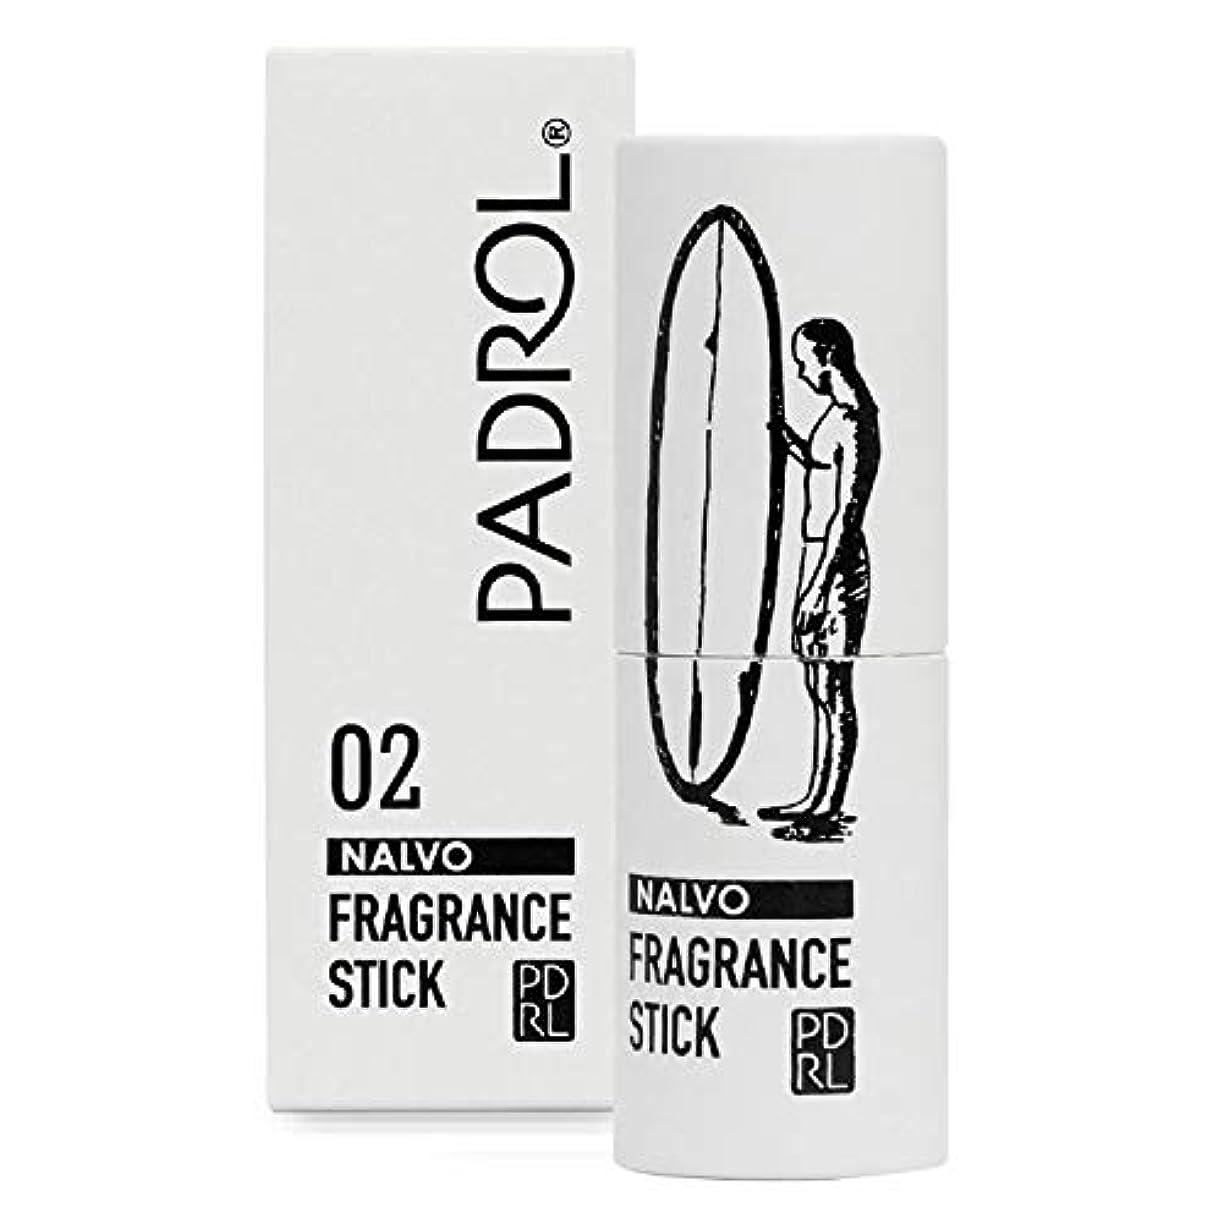 合成背の高い鋼ノルコーポレーション 練り香水 PADROL(パドロール) フレグランススティック レモンの香り PAD-3-02